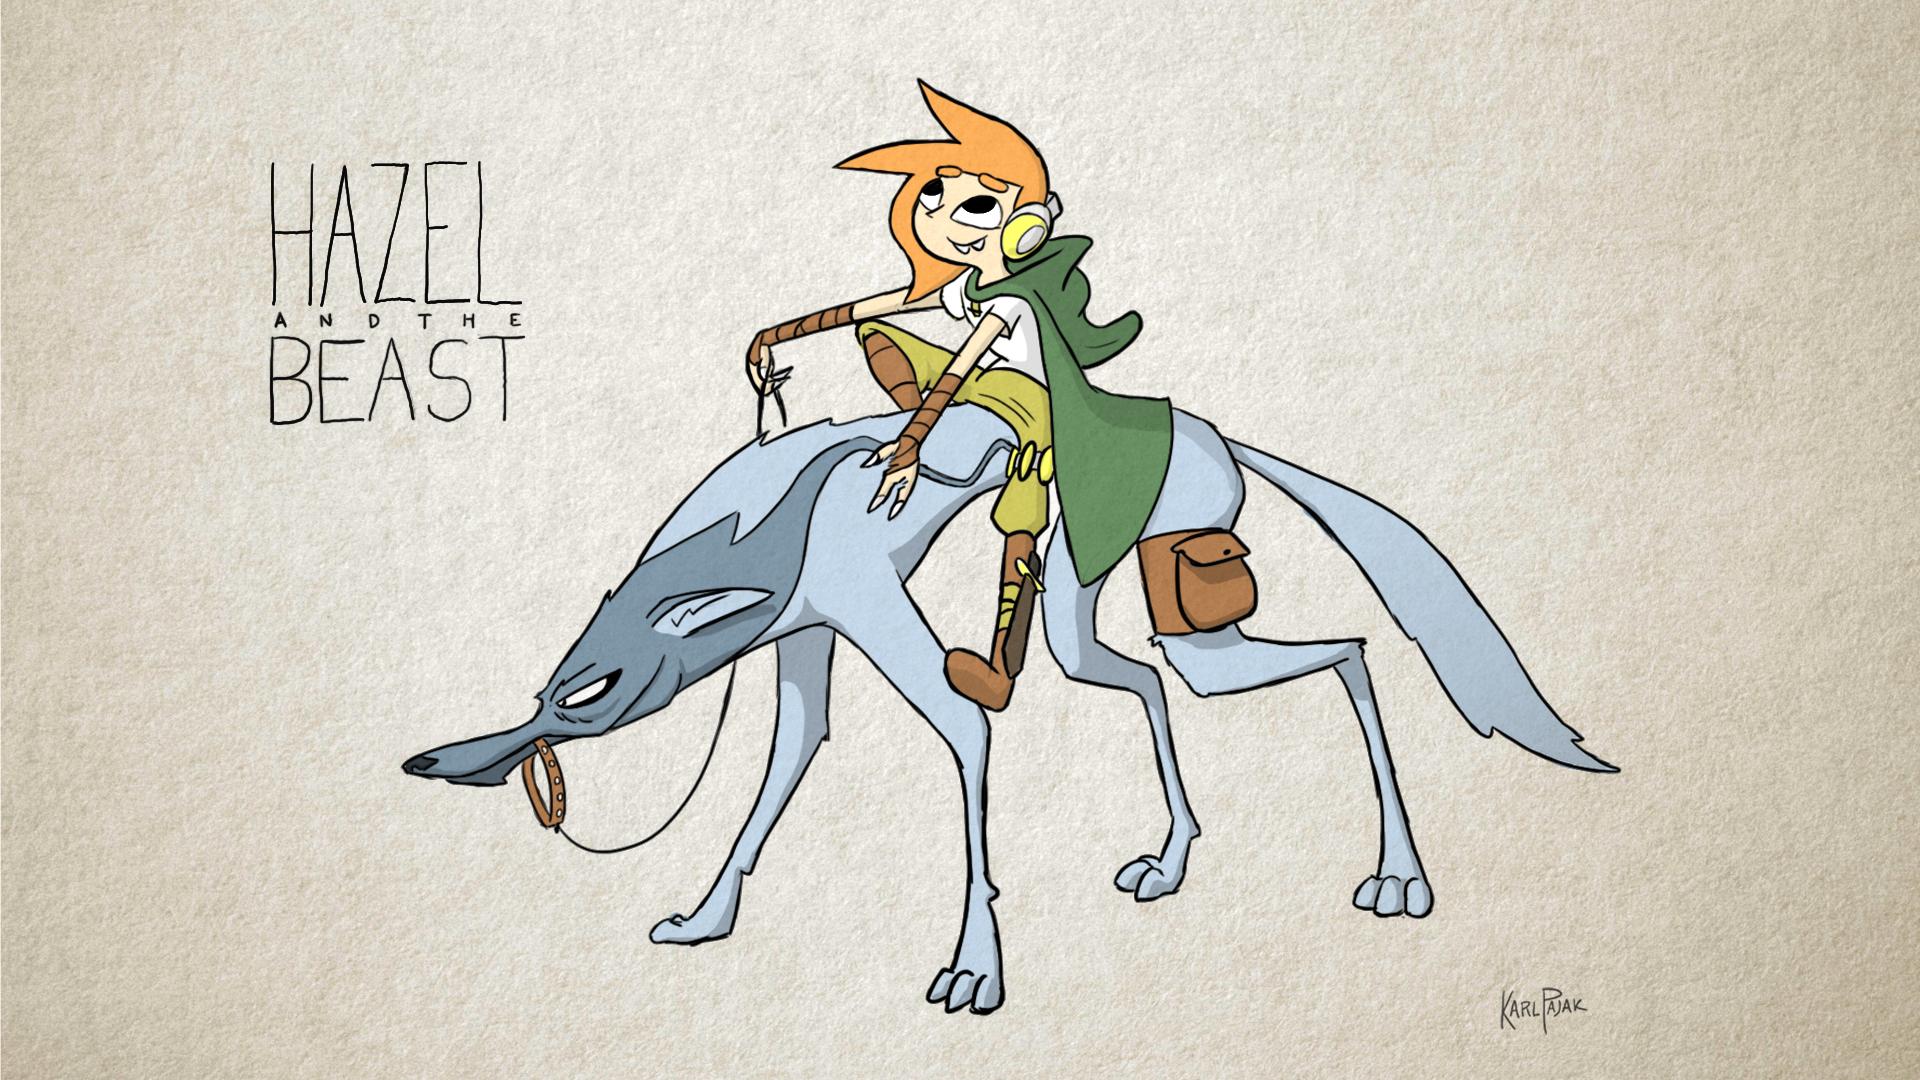 Hazel and the Beast